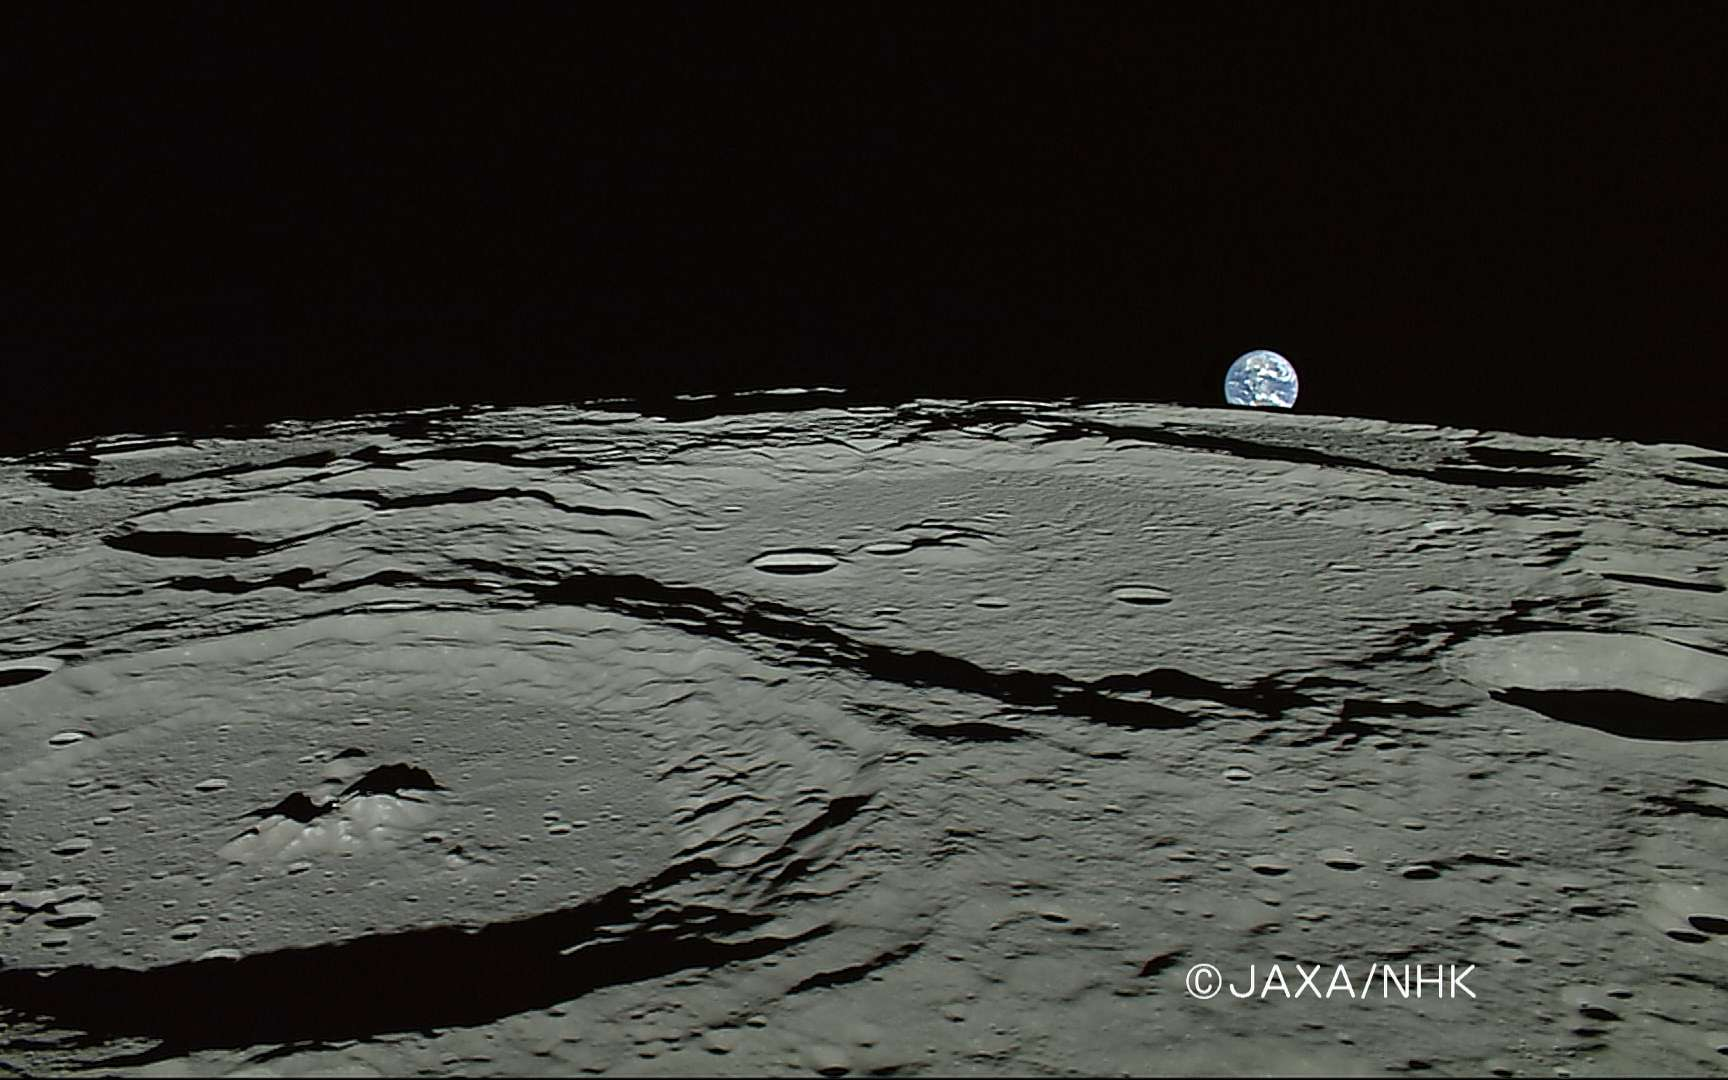 Au premier plan à gauche, le cratère Plaskett (82,1N/174,3E, diamètre : 109 km) et au second plan le crétère Rozhdestvenskiy (85,2N/155,4W, diamètre : 177 km). Cette image a été prise le 5 avril 2008 par la caméra HD de la NHK équipant Kaguya-Selene. La Terre est visible à l'horizon. Crédit : Jaxa/NHK